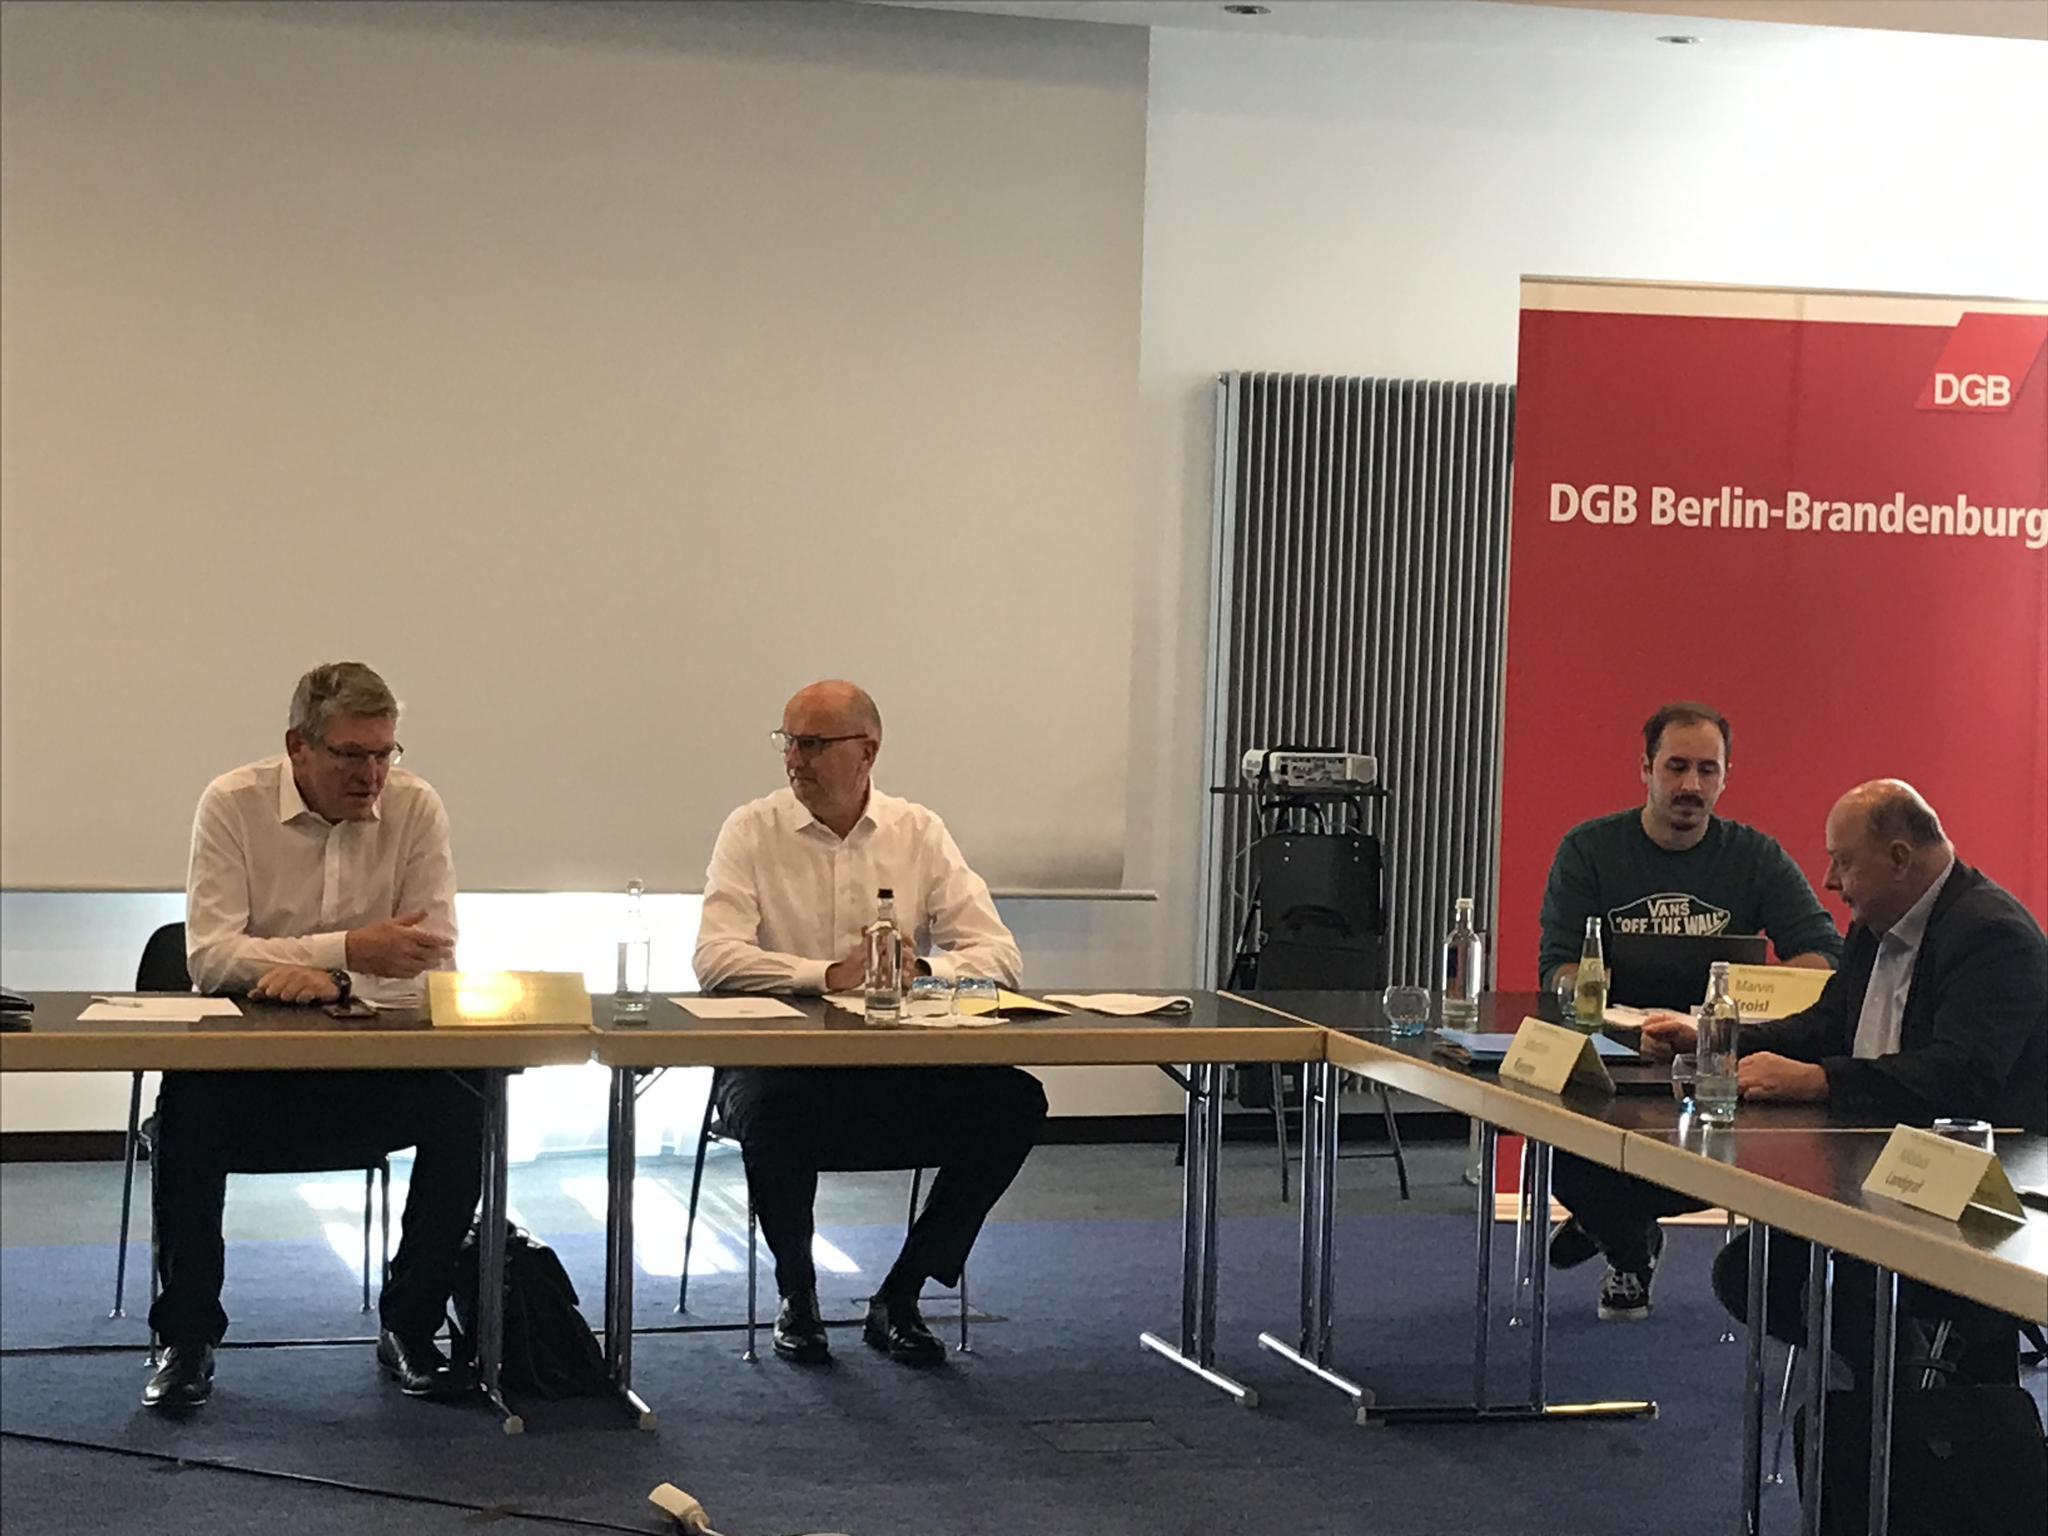 Ministerpräsident Woidke zu Besuch beim DGB Berlin-Brandenburg